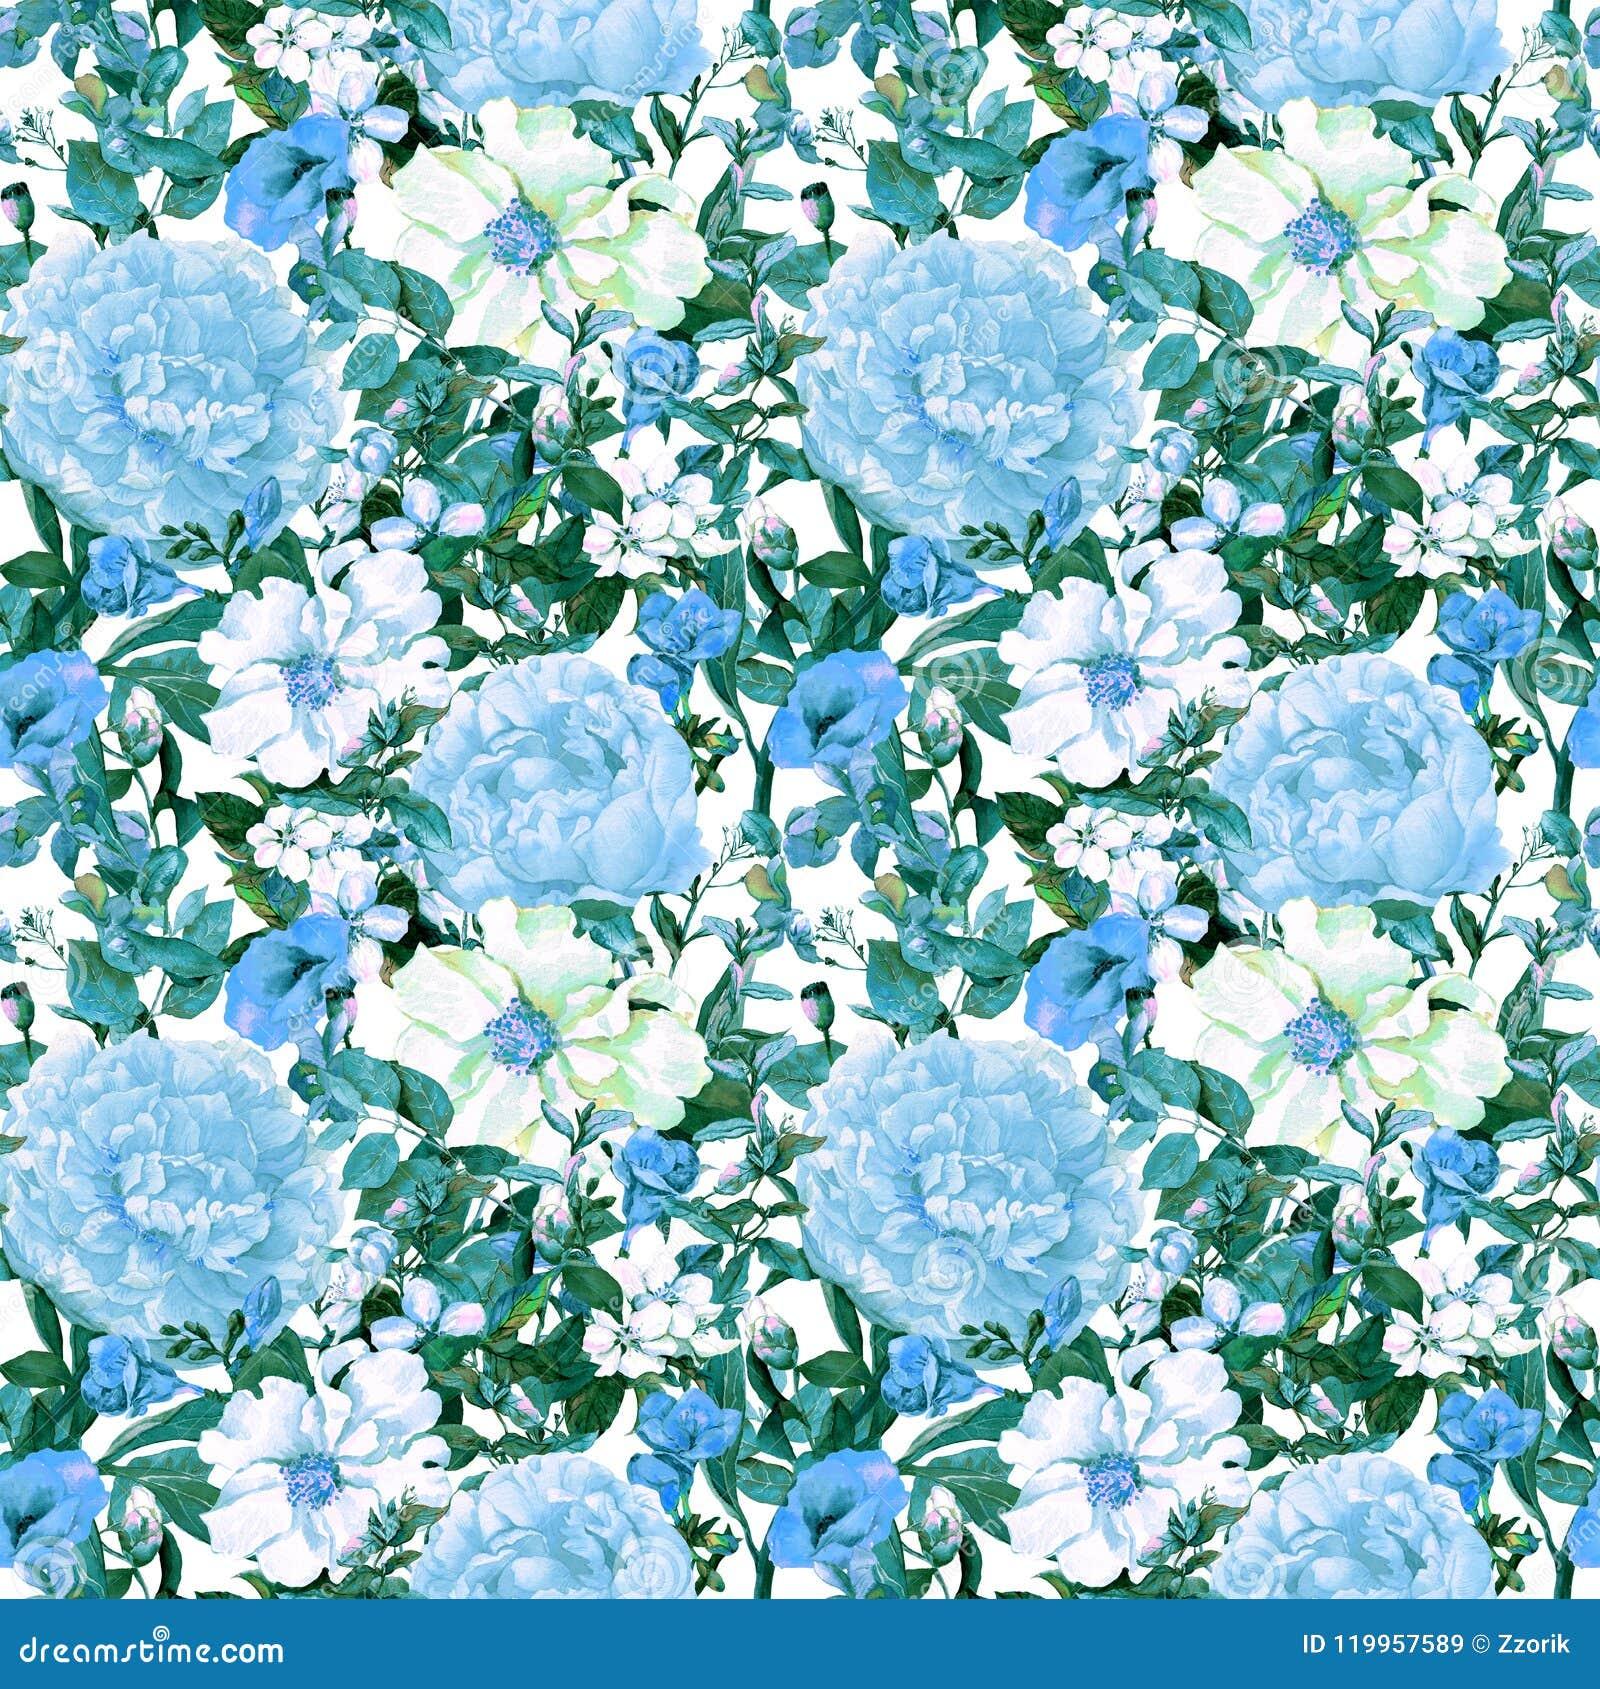 Fleurs, feuilles, herbe sauvage Répétition du modèle floral dans la couleur bleue watercolor